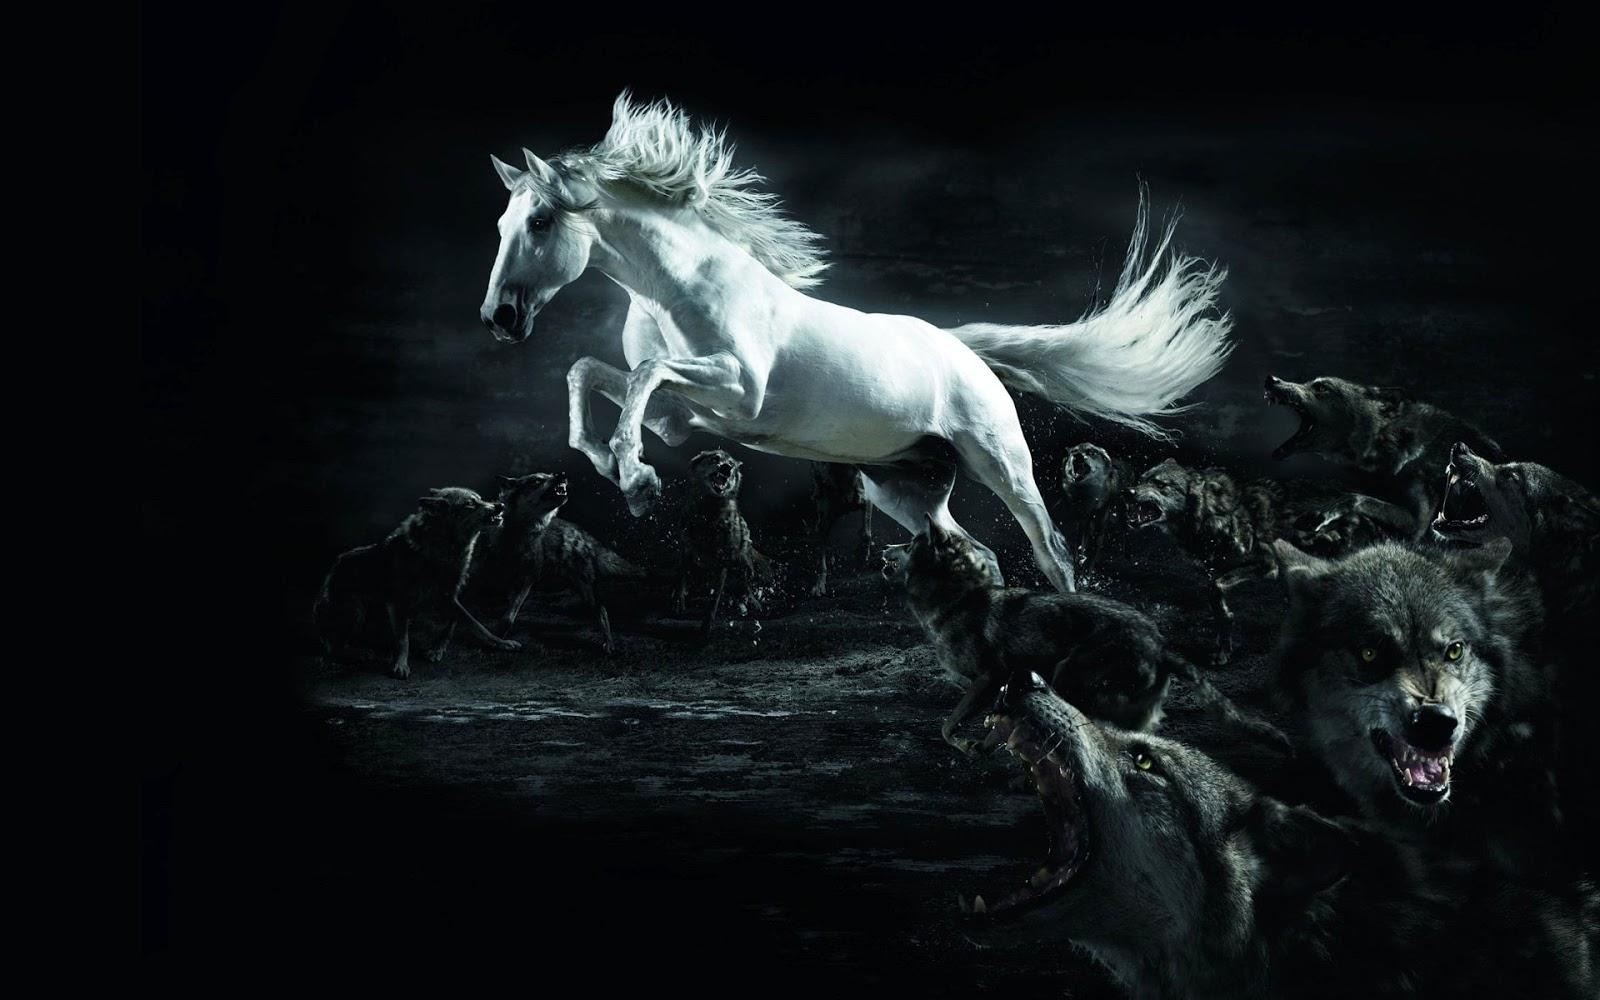 Mebeowall horse 3d desktop high quality wallpapers - High quality 3d wallpapers for pc ...